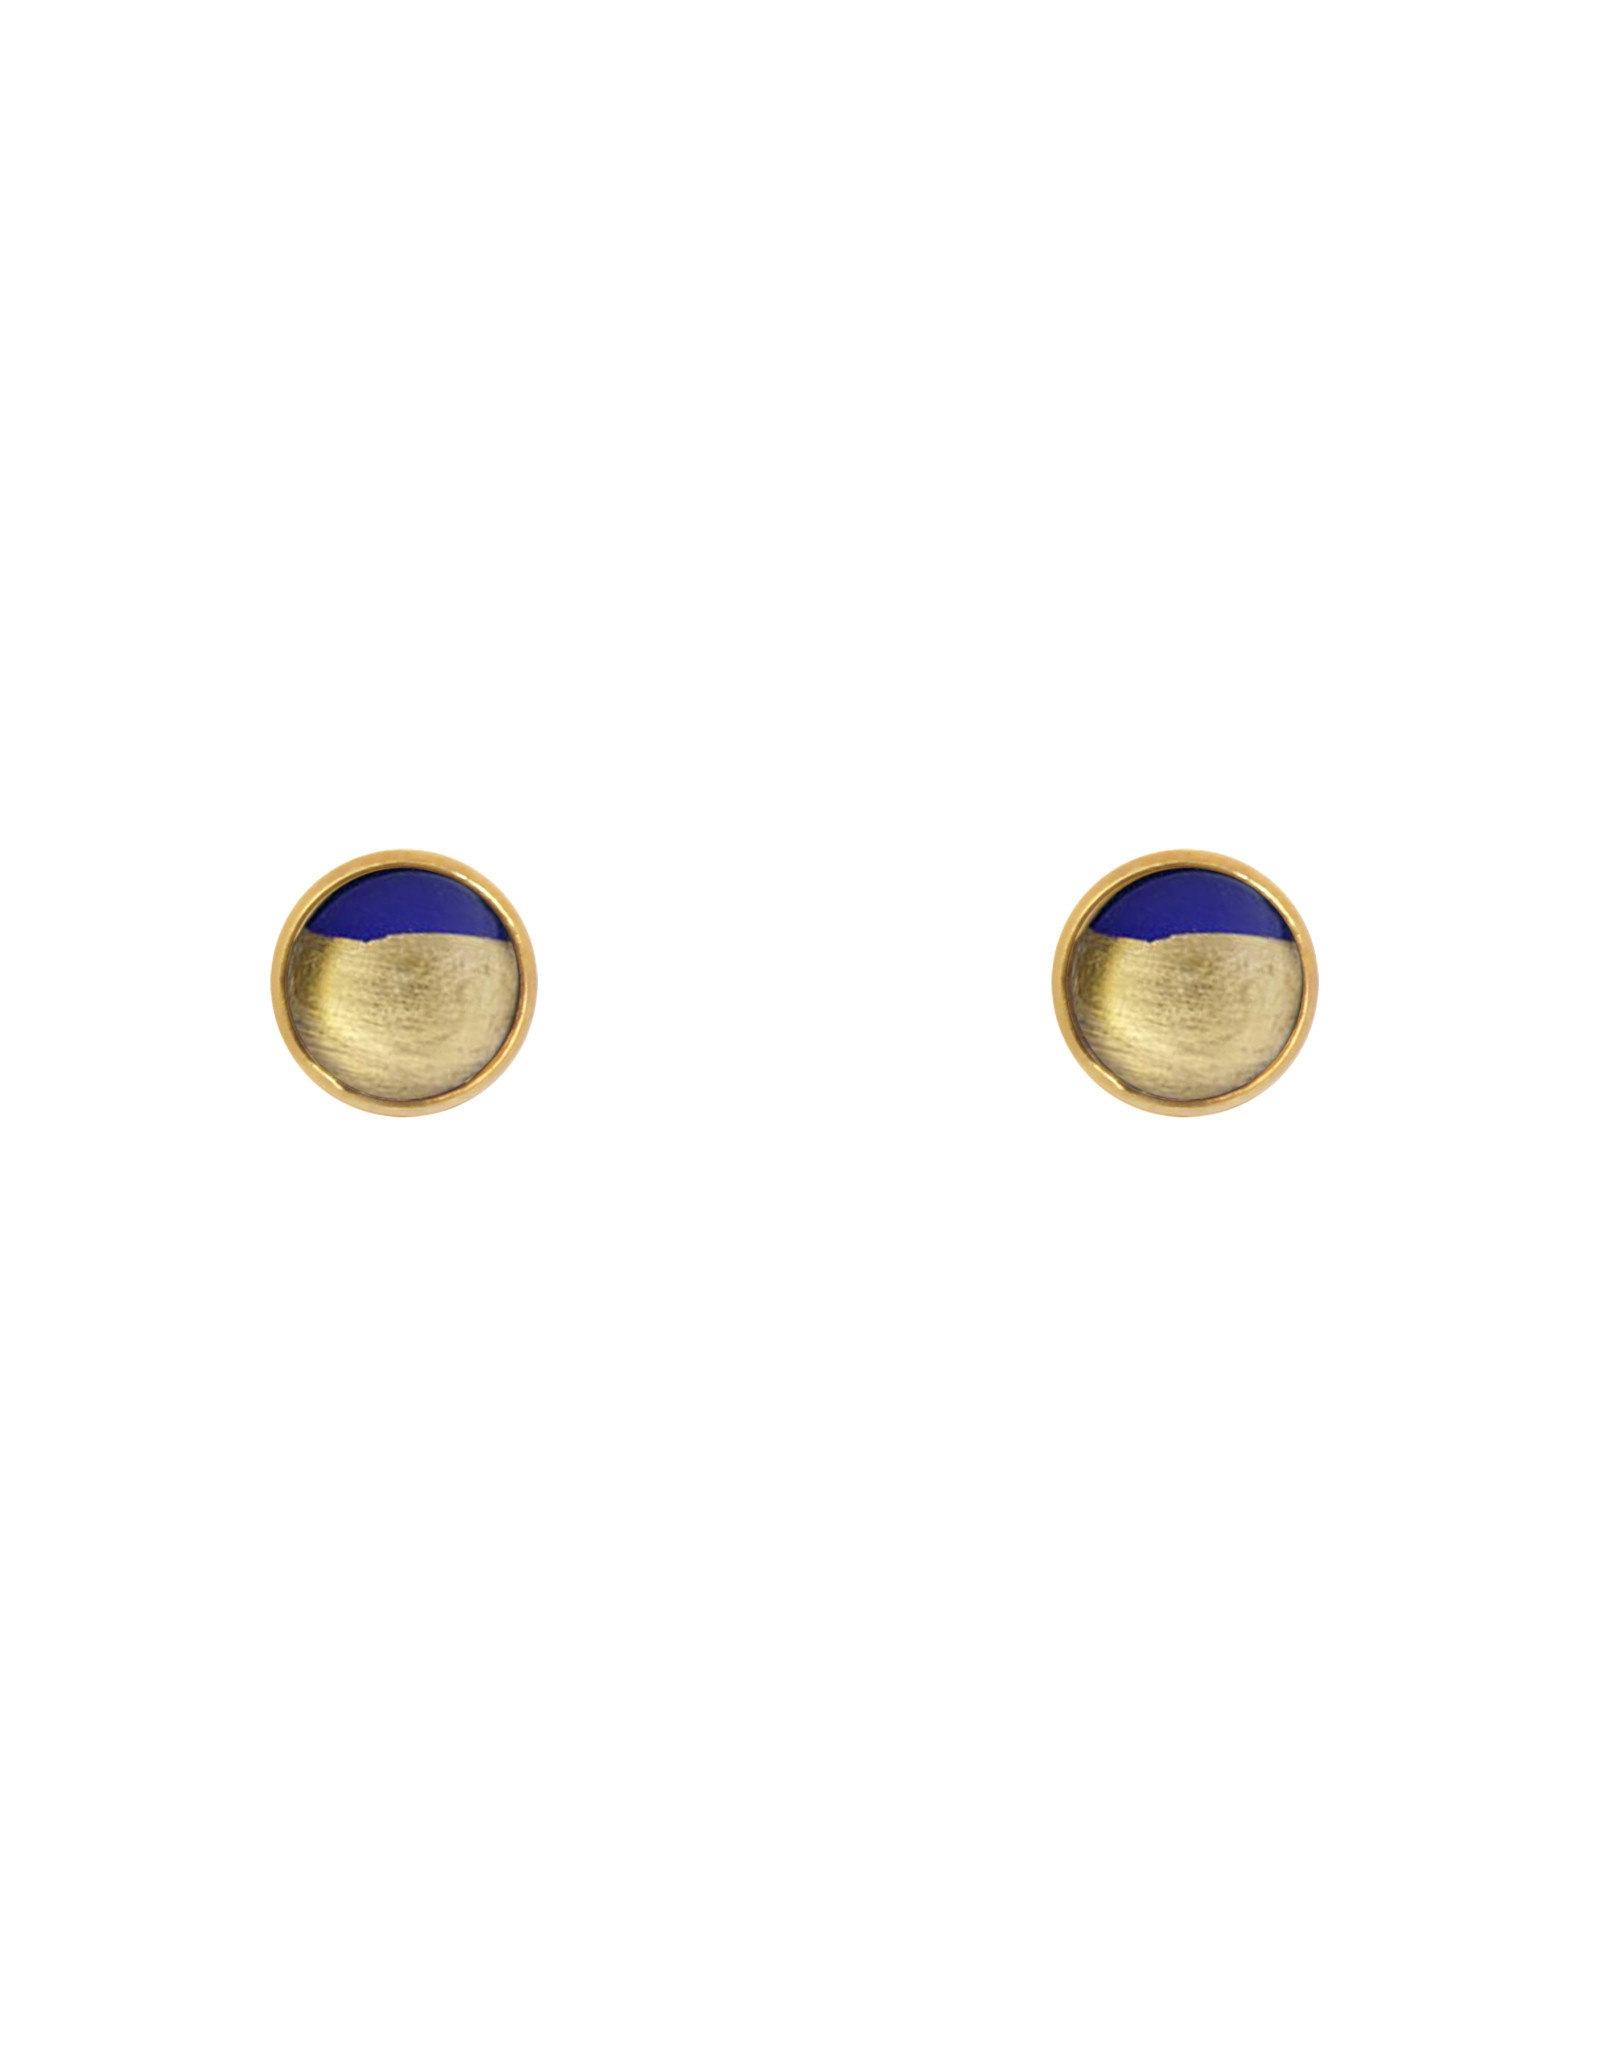 Lost & Faune Boucles d'oreilles - Demi-lunes feuilles d'or